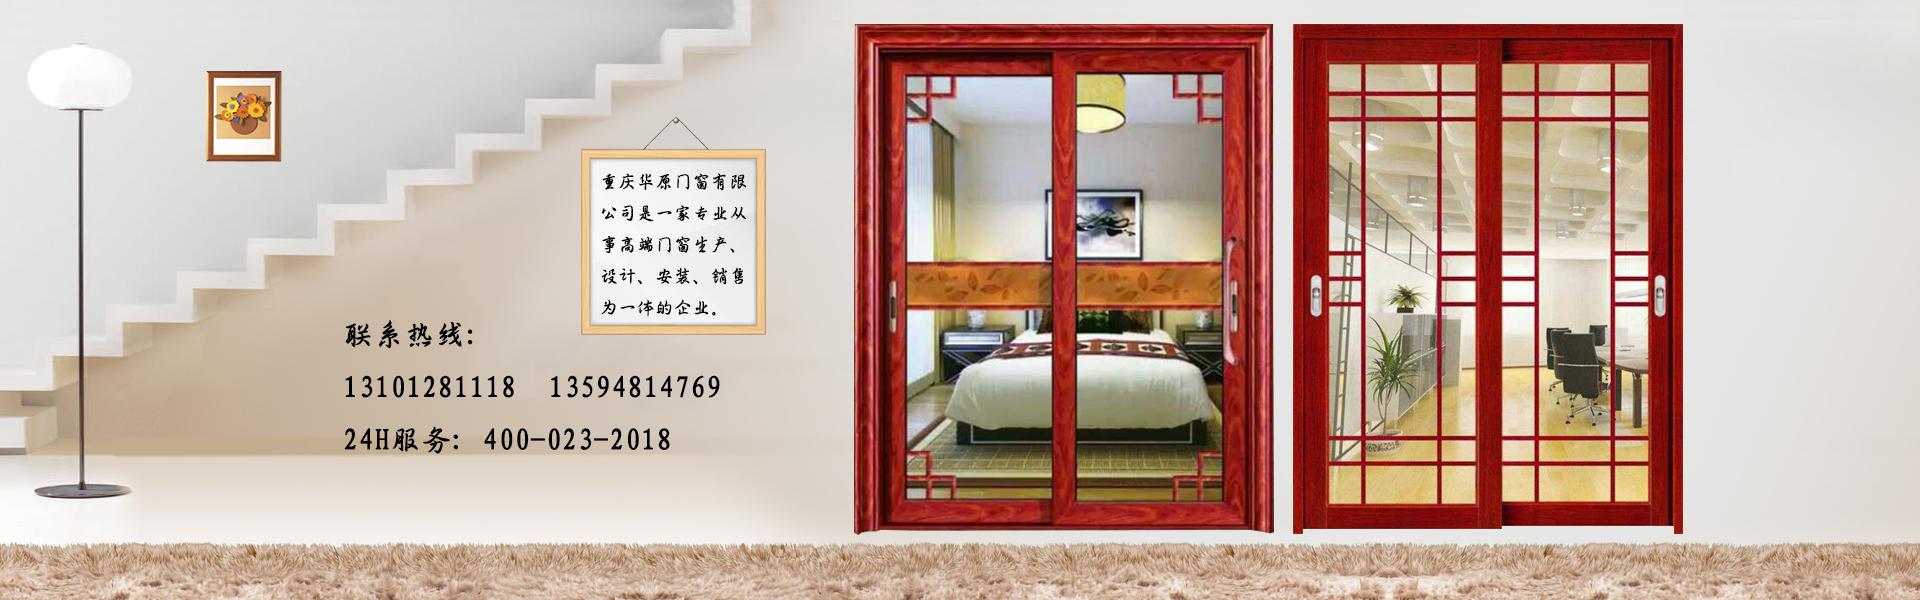 重庆华原门窗有限公司是一家专业从事高端门窗生产、设计、安装、销售为一体的企业。